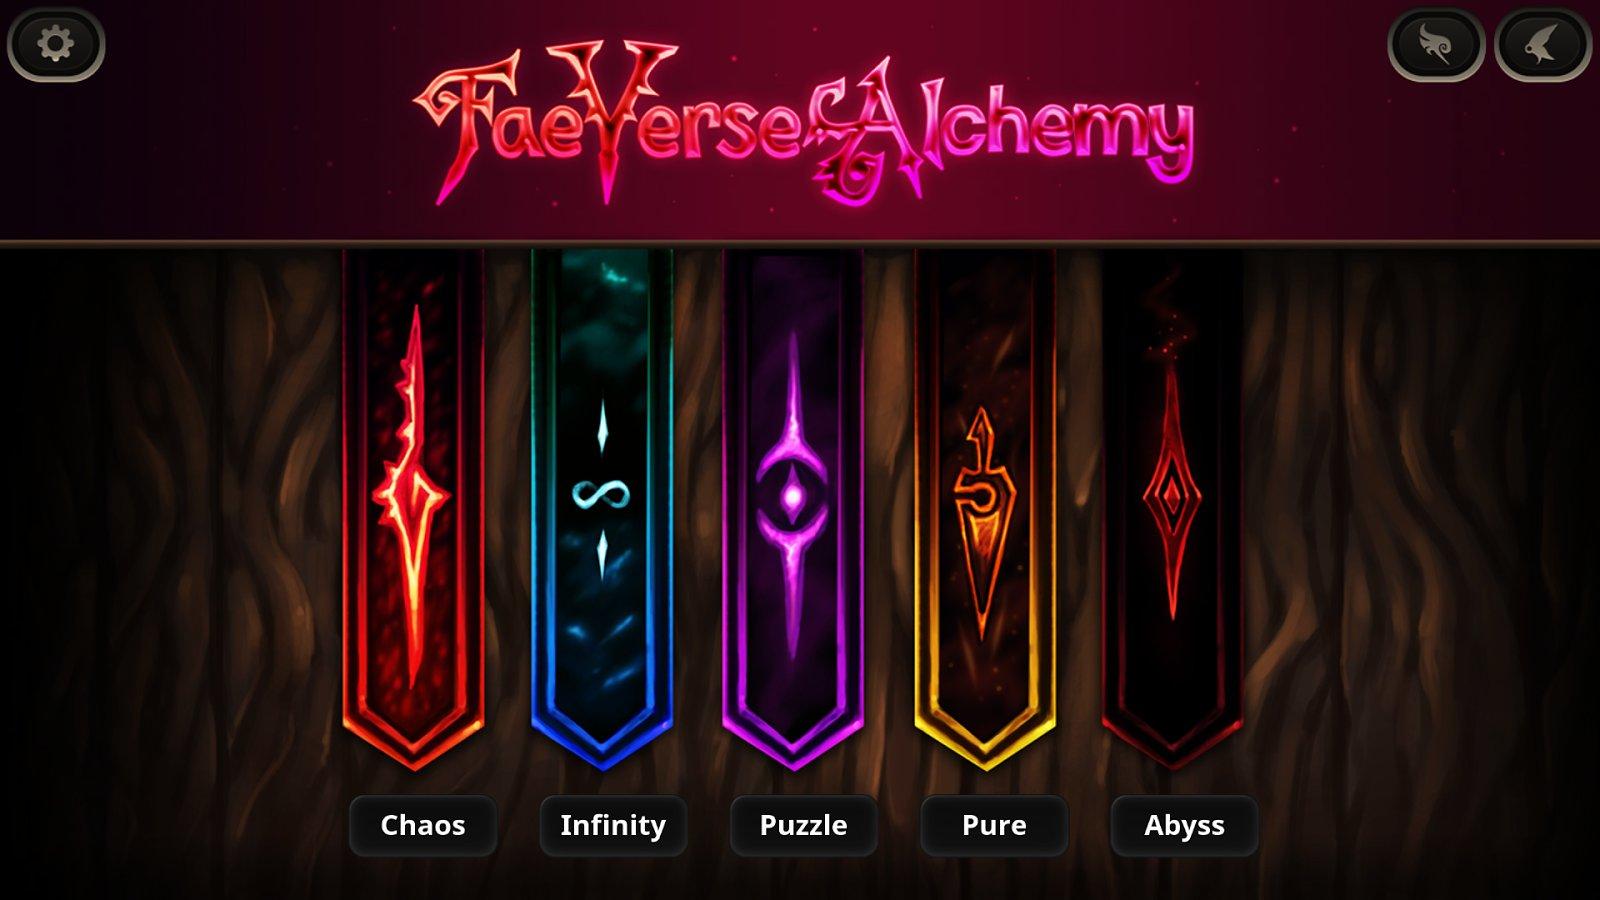 Скачать игру Alchemy Premium на android - 4pda